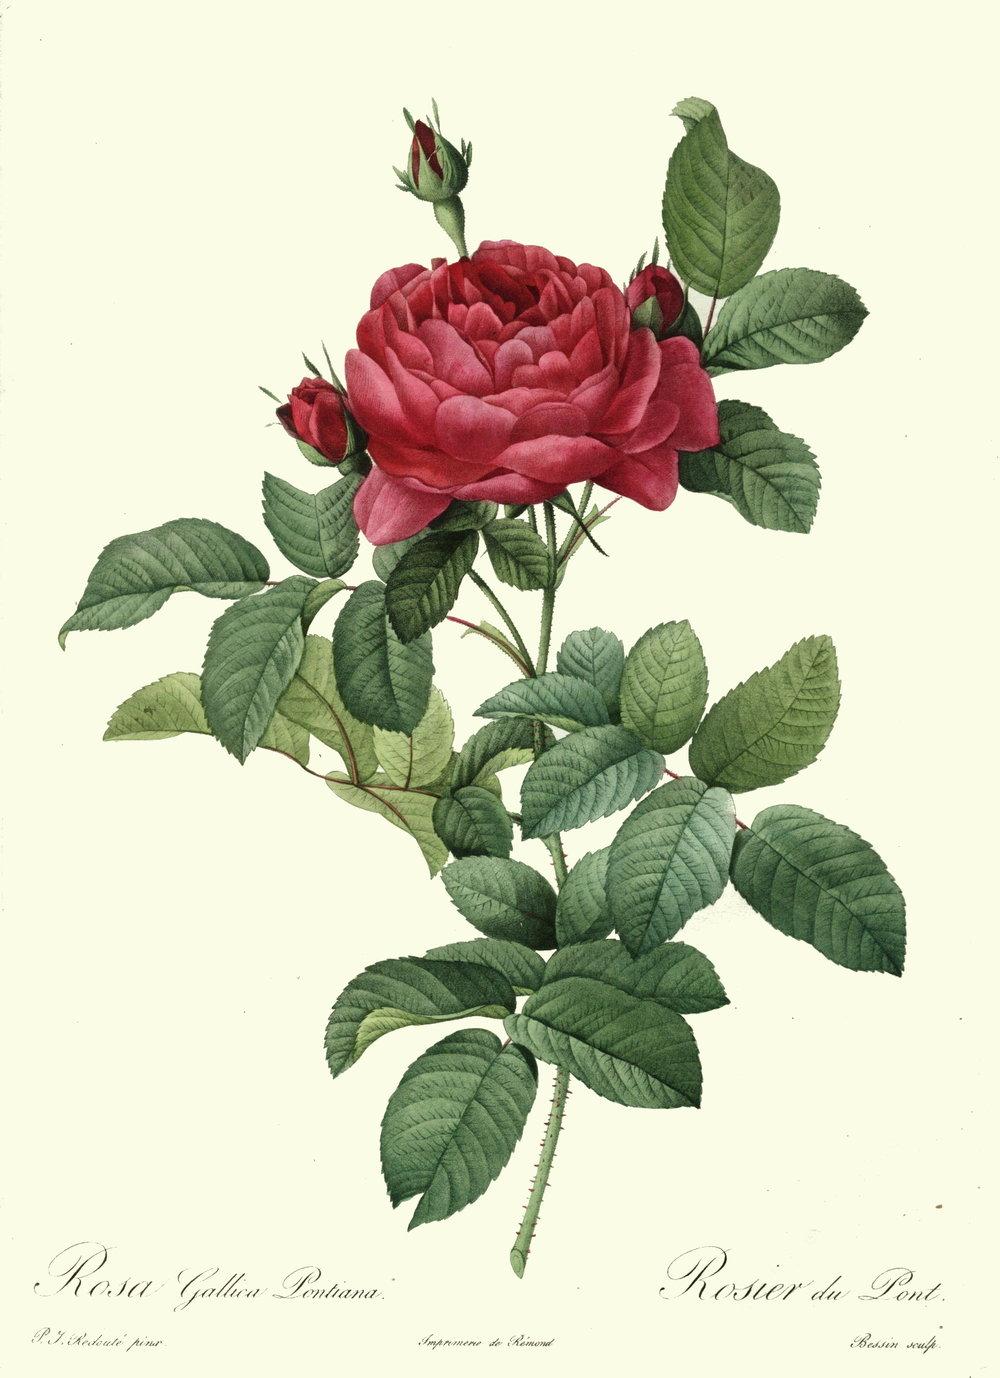 Redoute_-_Rosa_gallica_pontiana.jpg